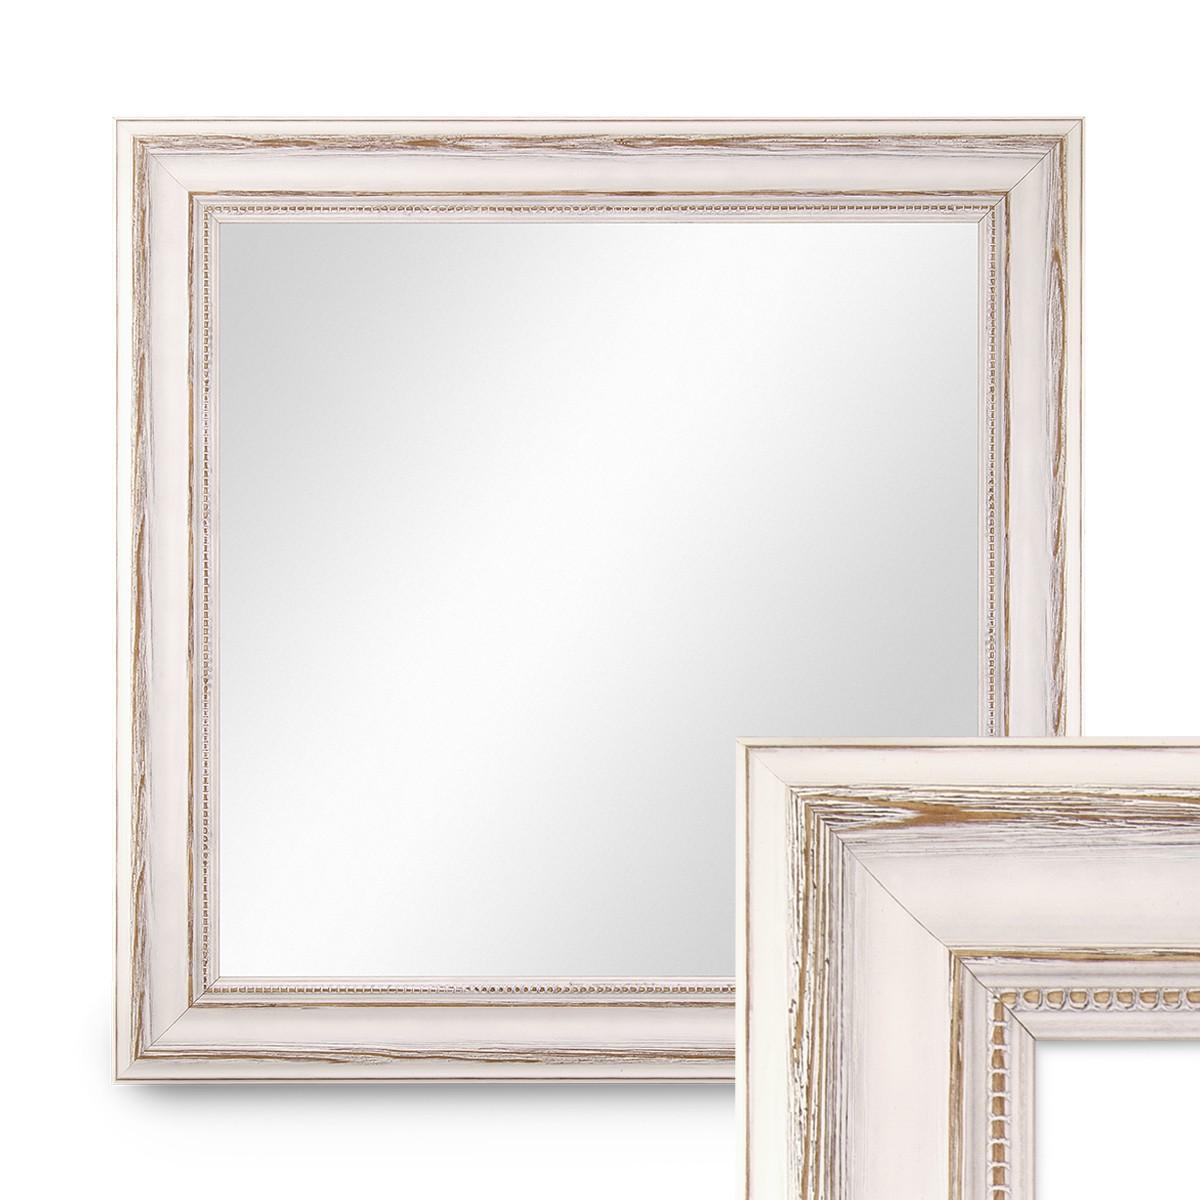 wand spiegel 60x60 cm im massivholz rahmen landhaus stil